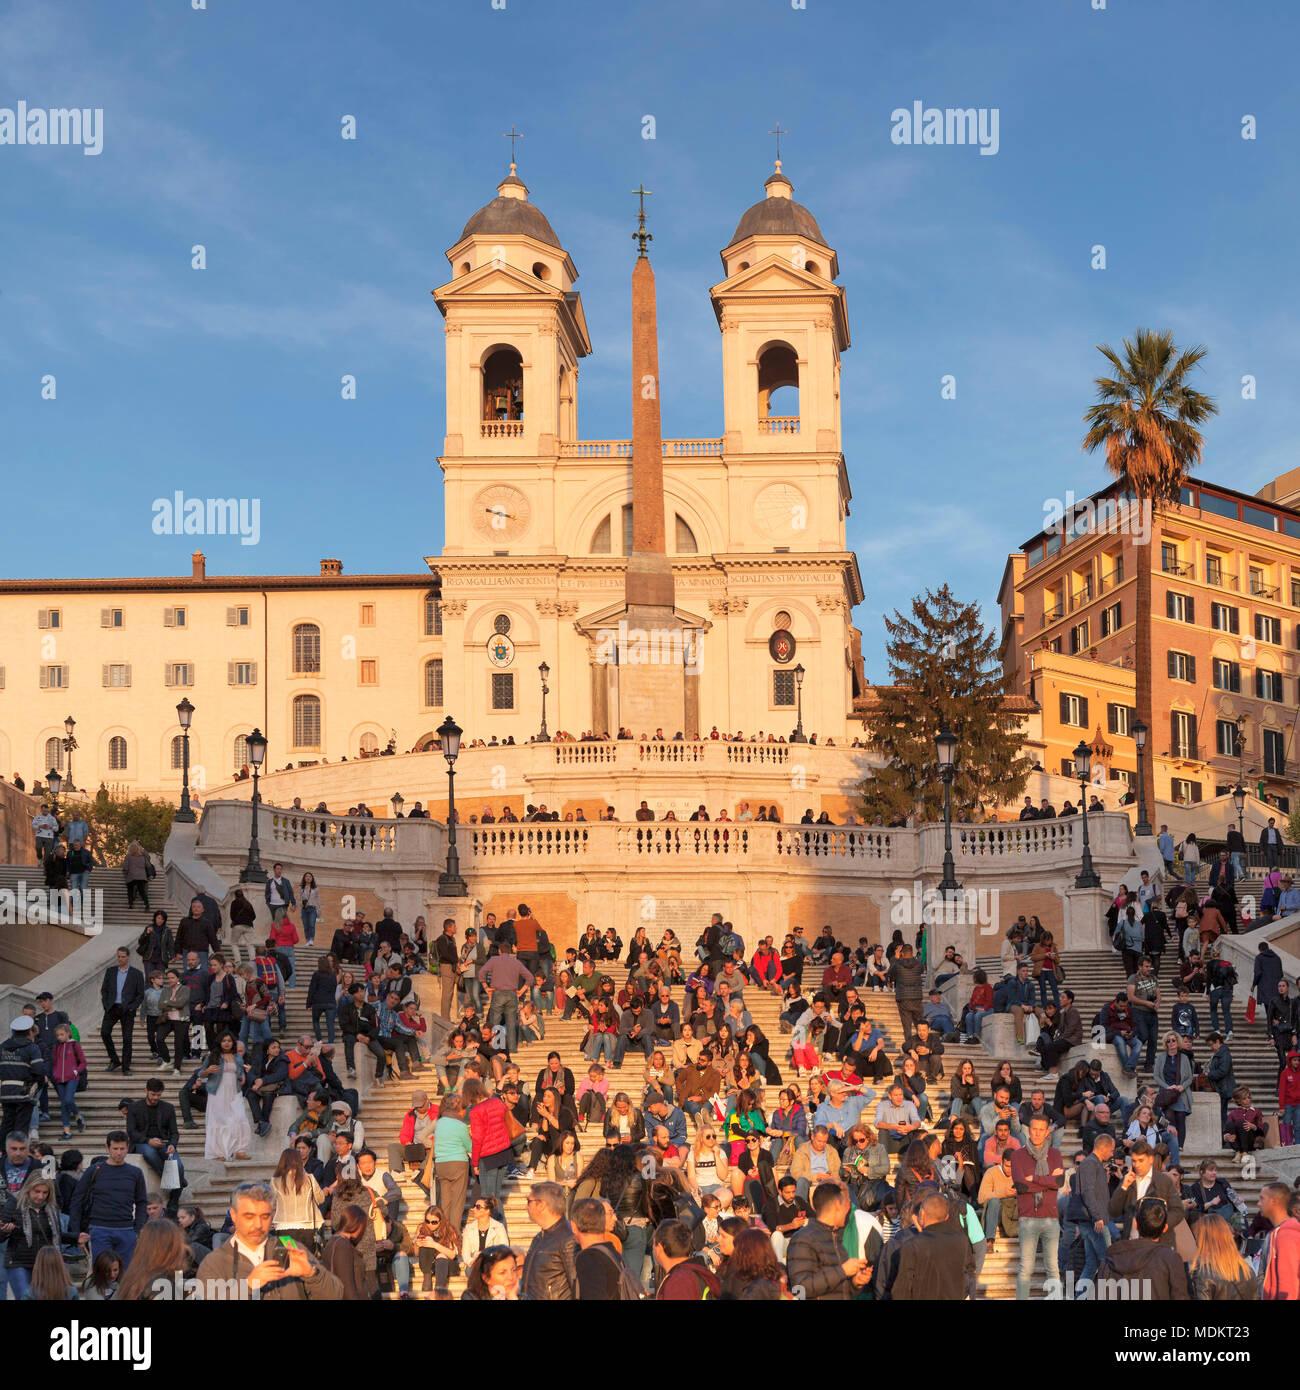 Spanish stairs with church Santa Trinita dei Monti, Piazza di Spagna, Rome, Lazio, Italy - Stock Image